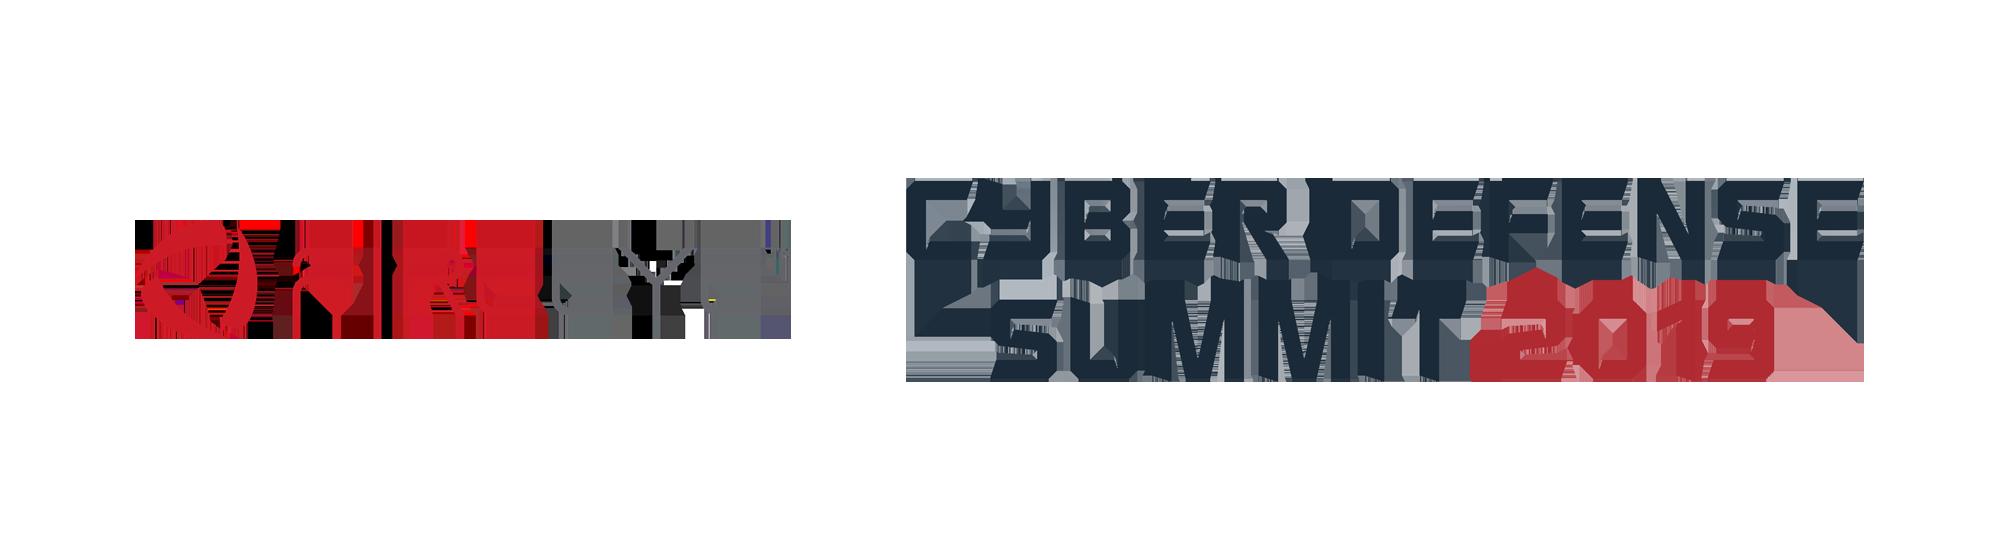 FireEye Cyber Defense Summit 2019